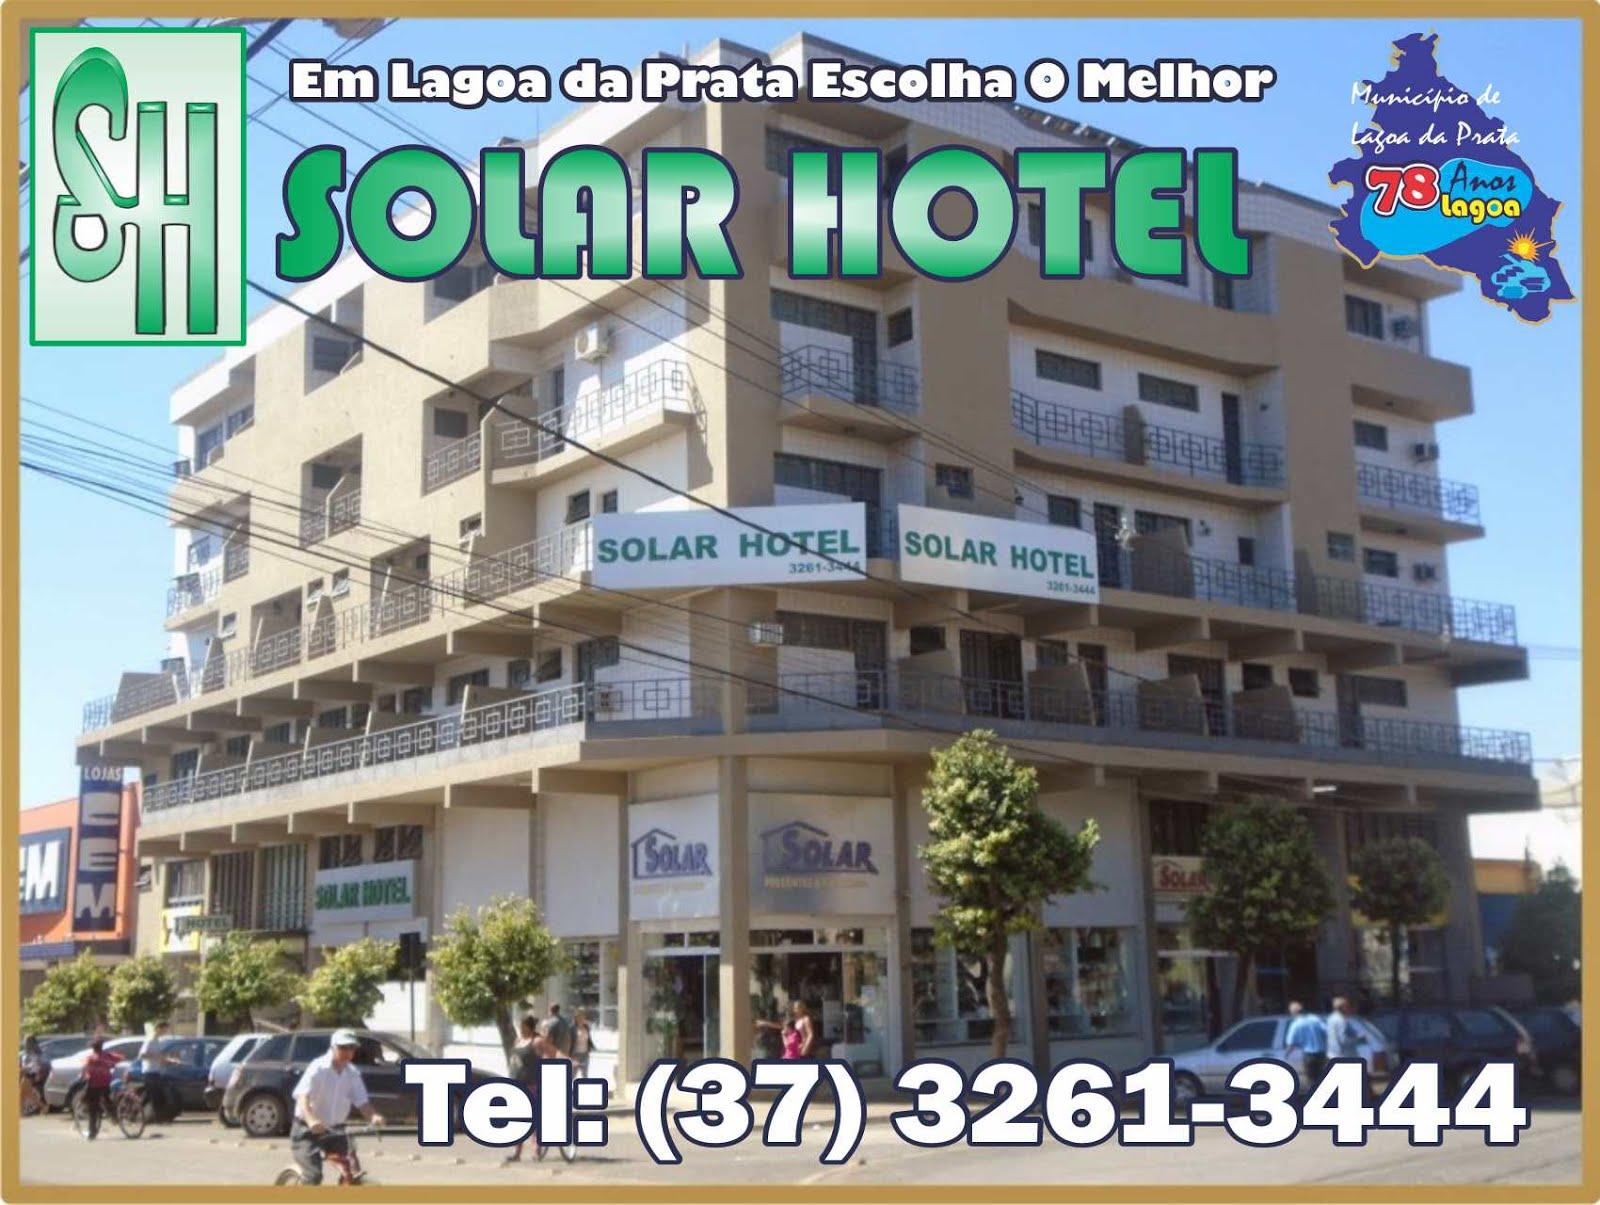 Solar Hotel